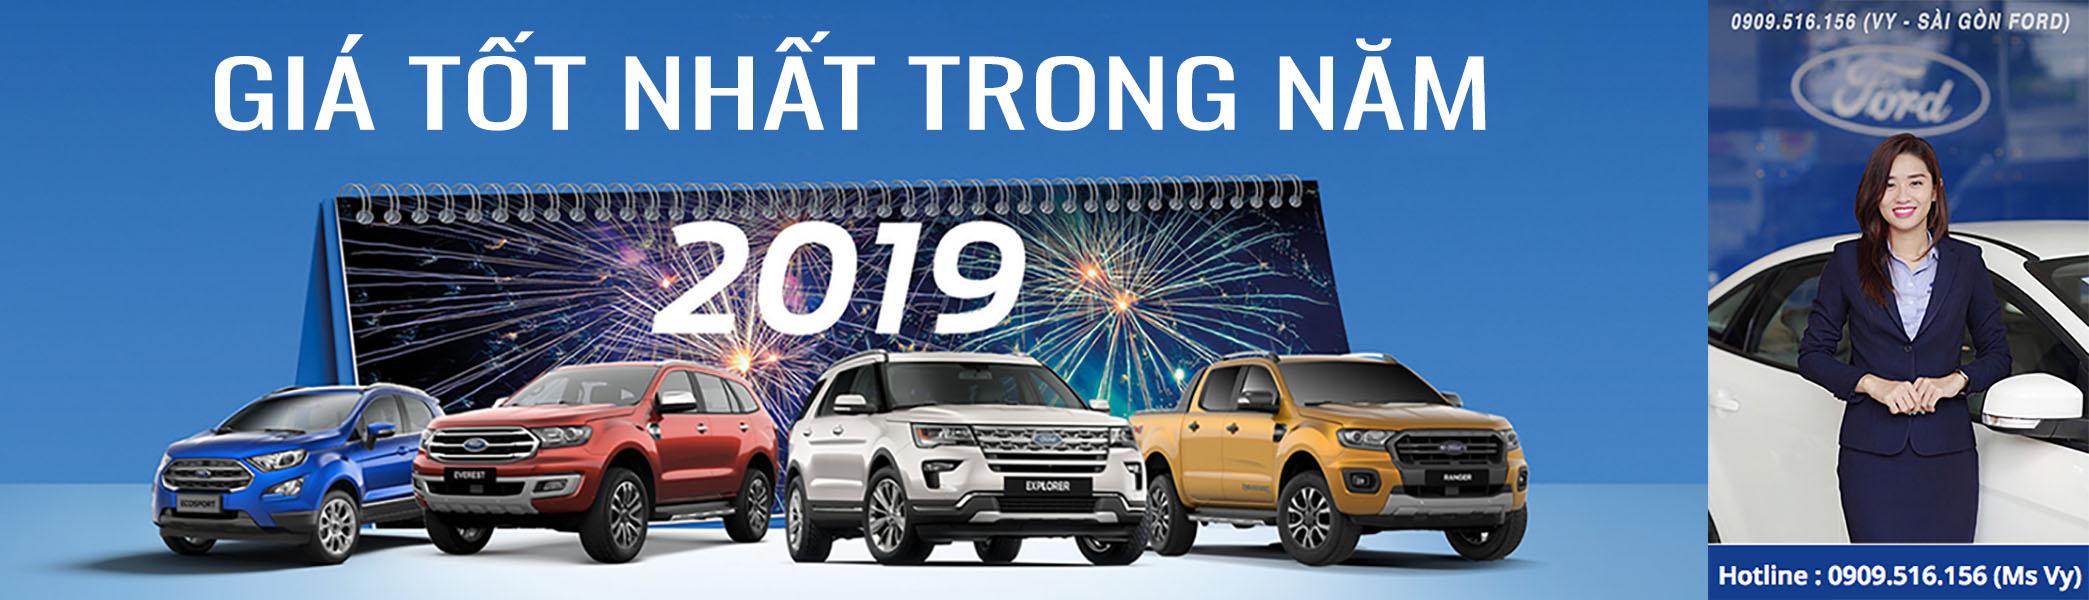 giá xe ford 2019 tốt nhất trong năm